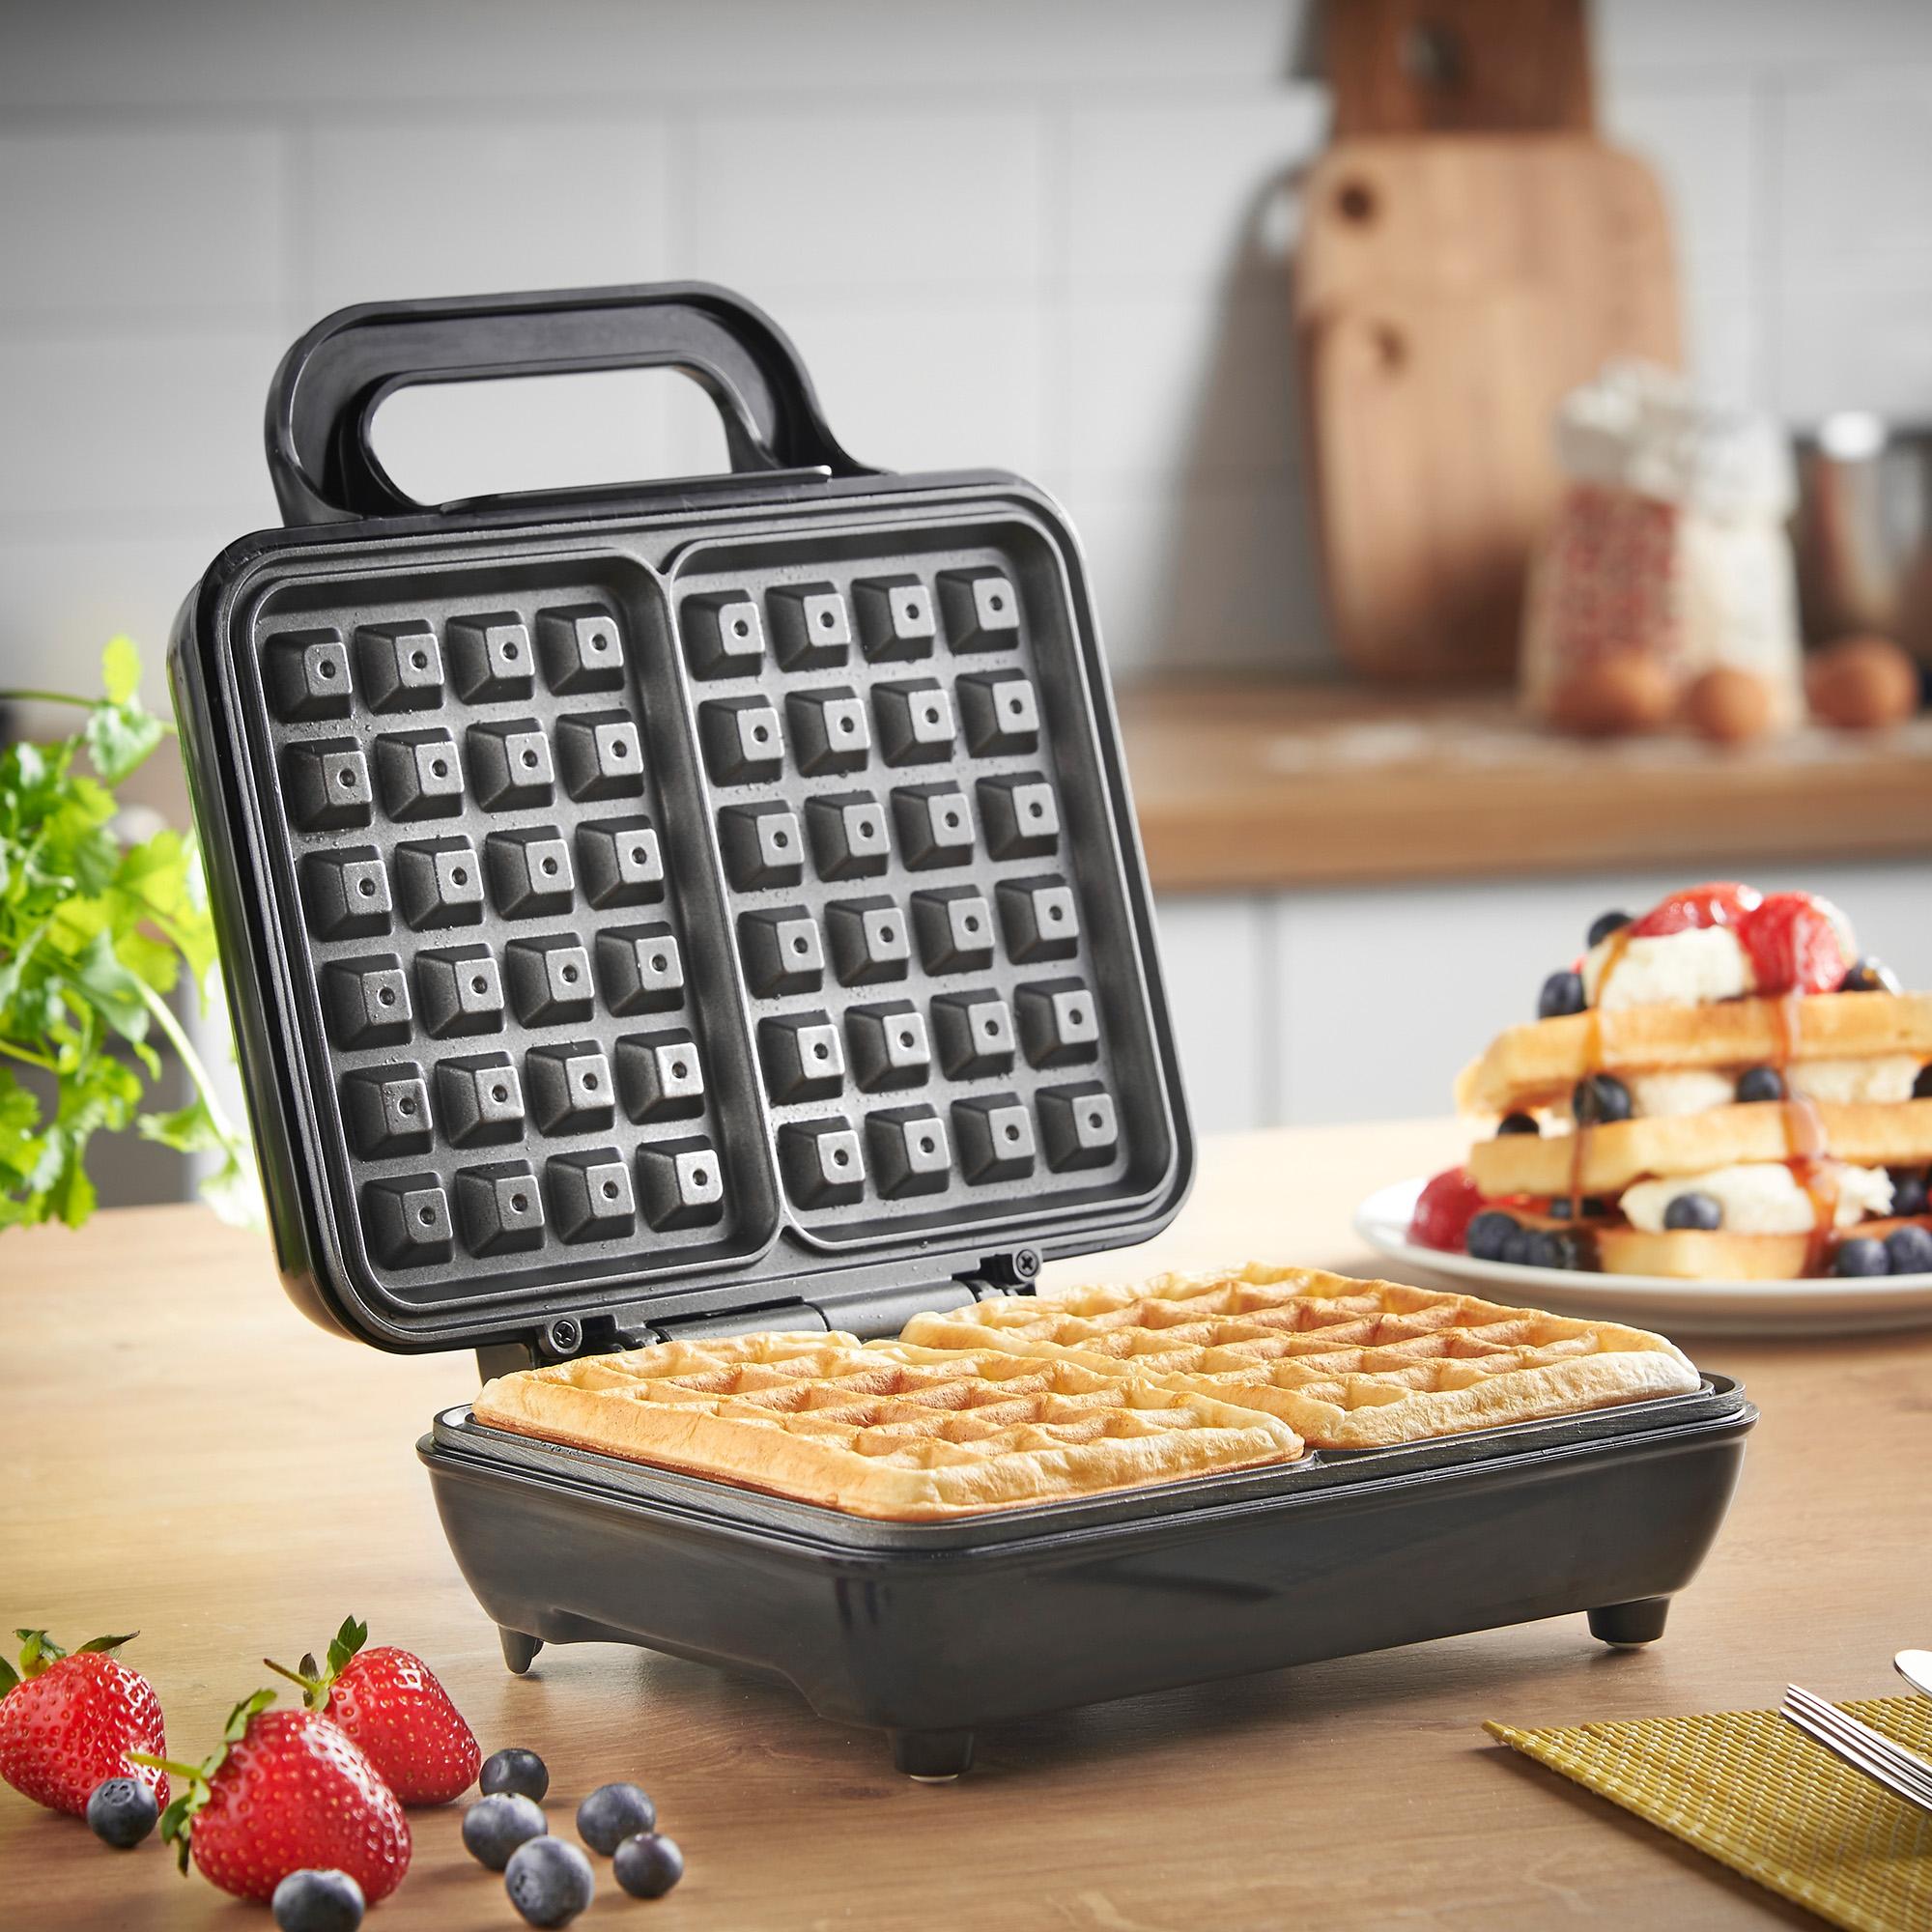 vonshef belgian waffle maker iron machine 2 slice. Black Bedroom Furniture Sets. Home Design Ideas